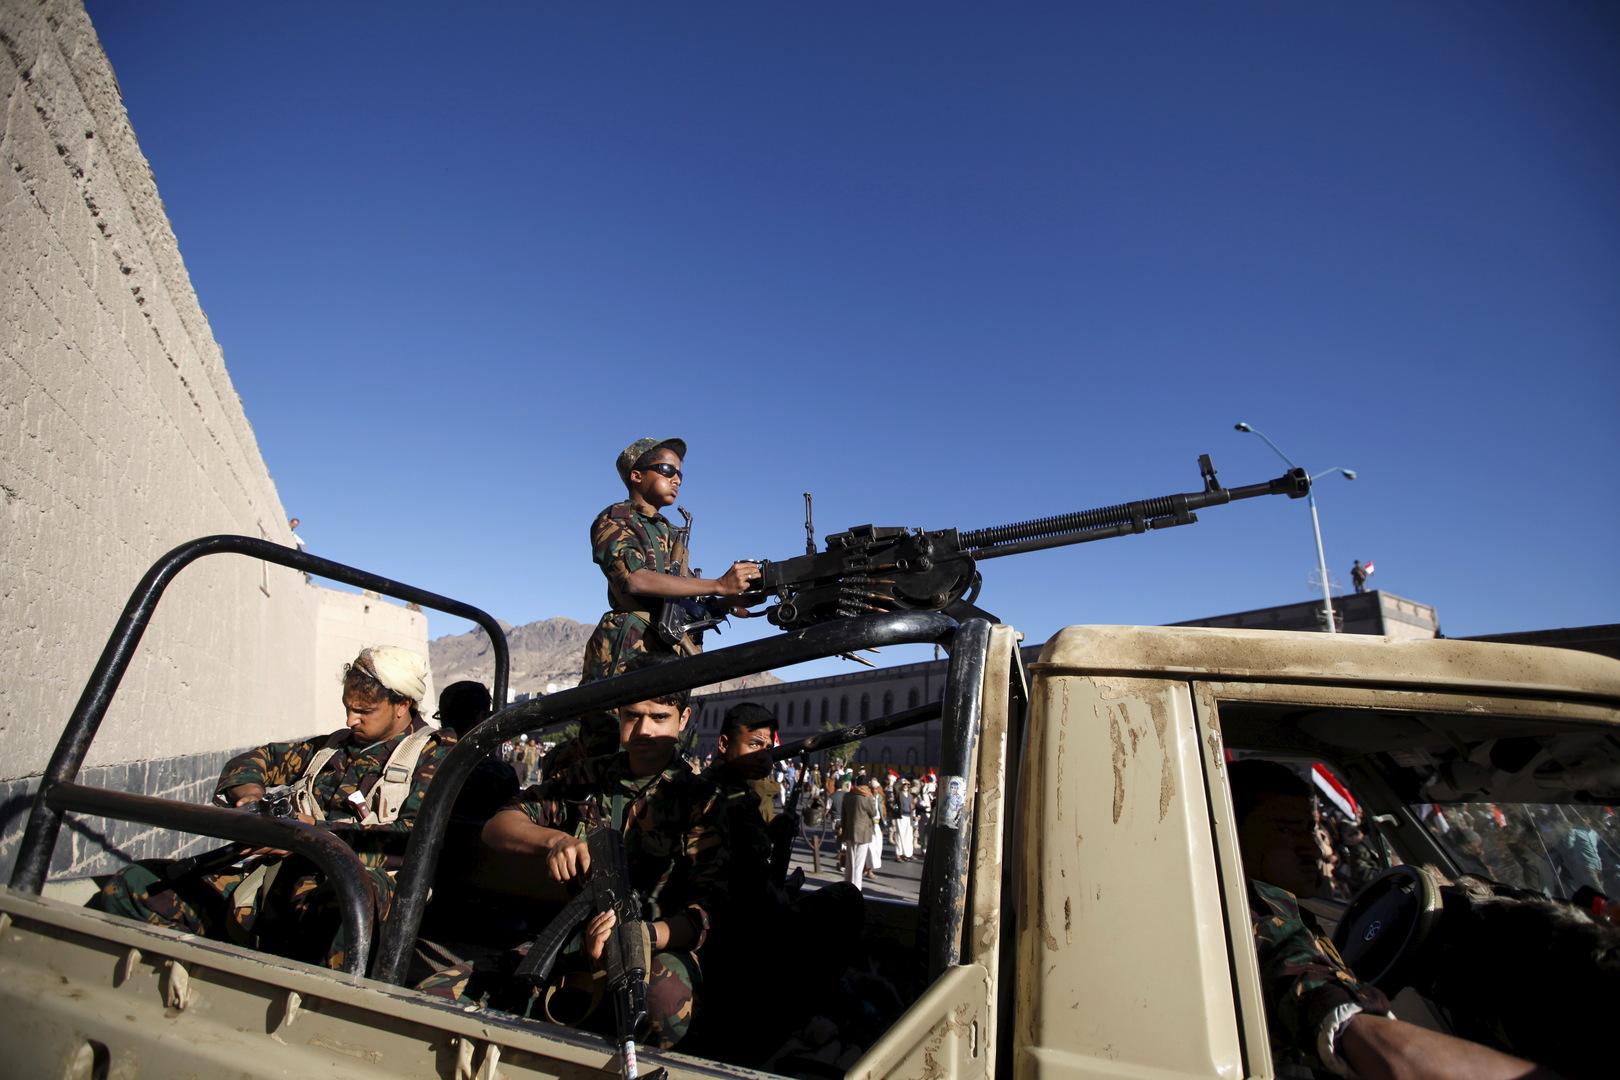 الجيش اليمني يسقط طائرة مسيرة للحوثيين غرب تعز